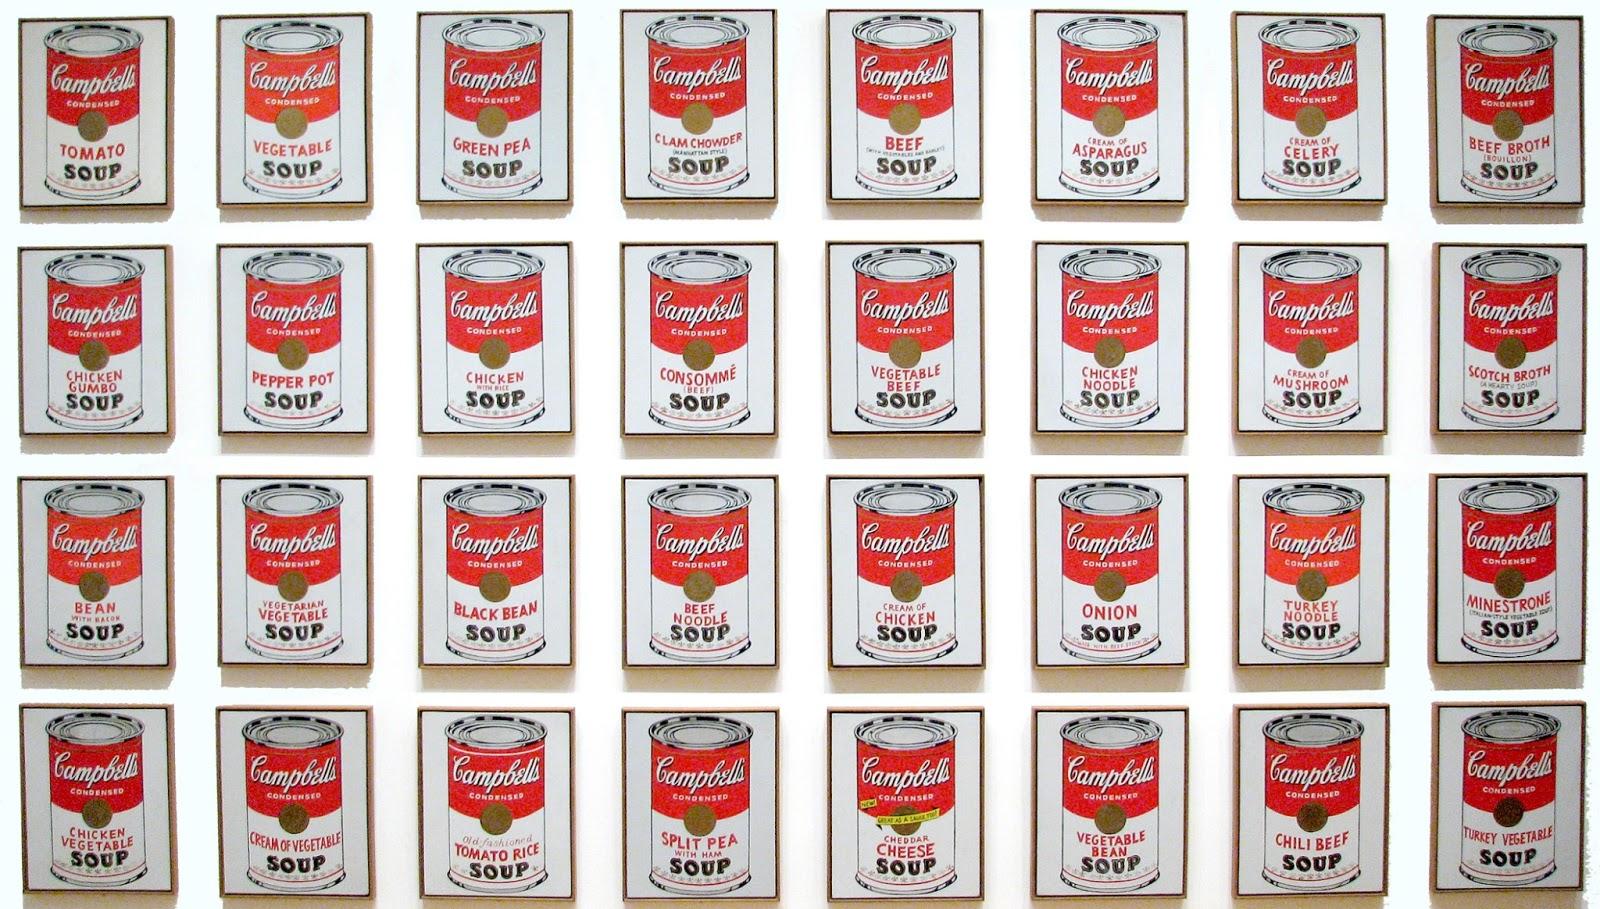 Serie de las 32 imágenes de sopas Campbell de Warhol.